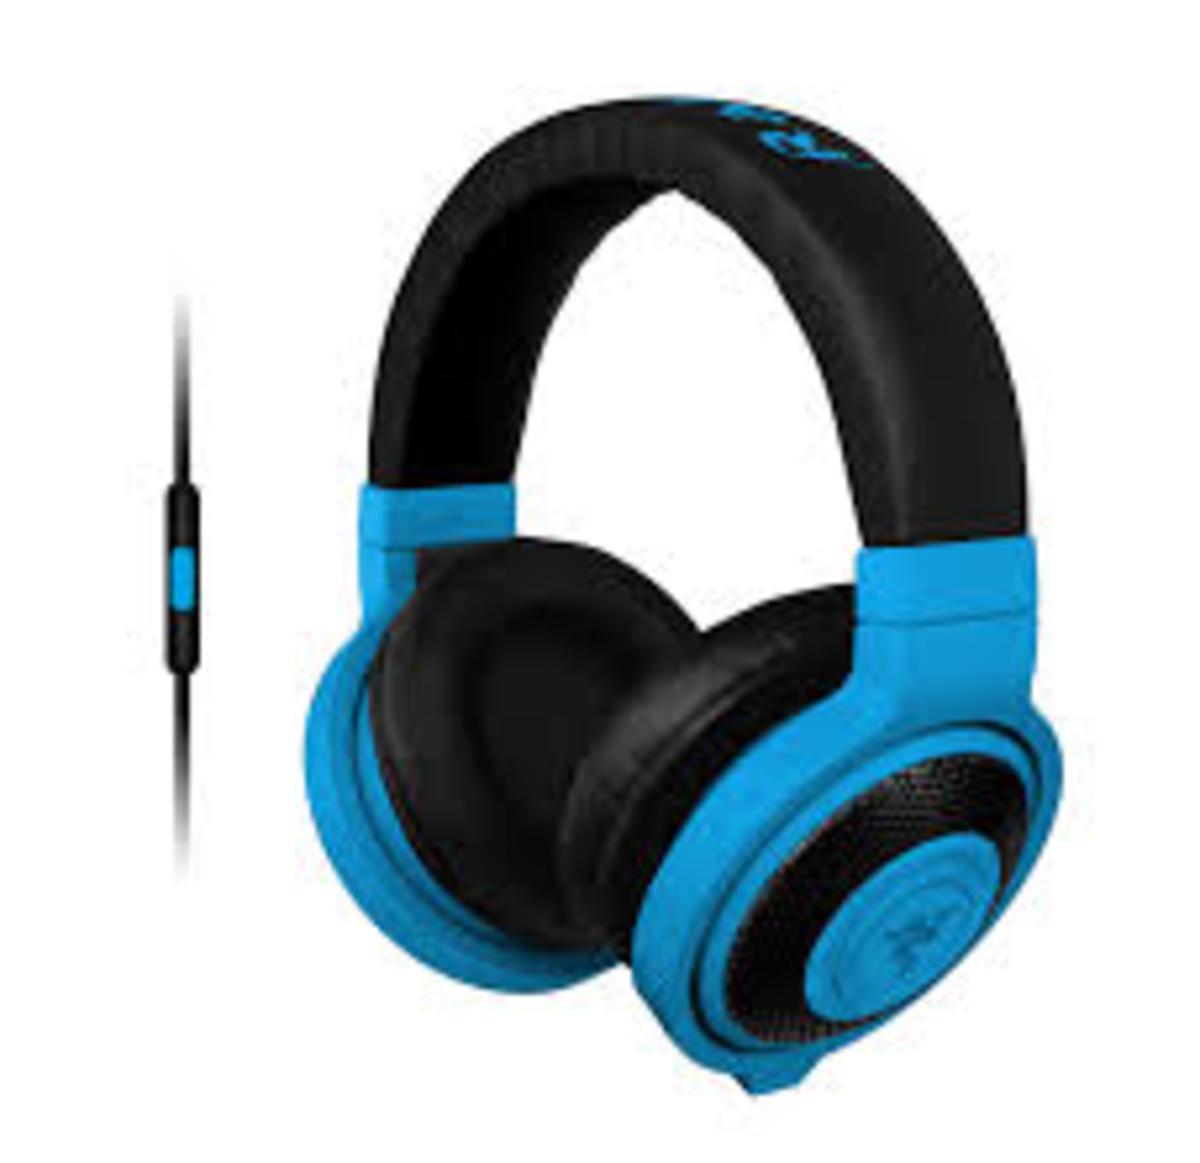 kraken mobile headphone